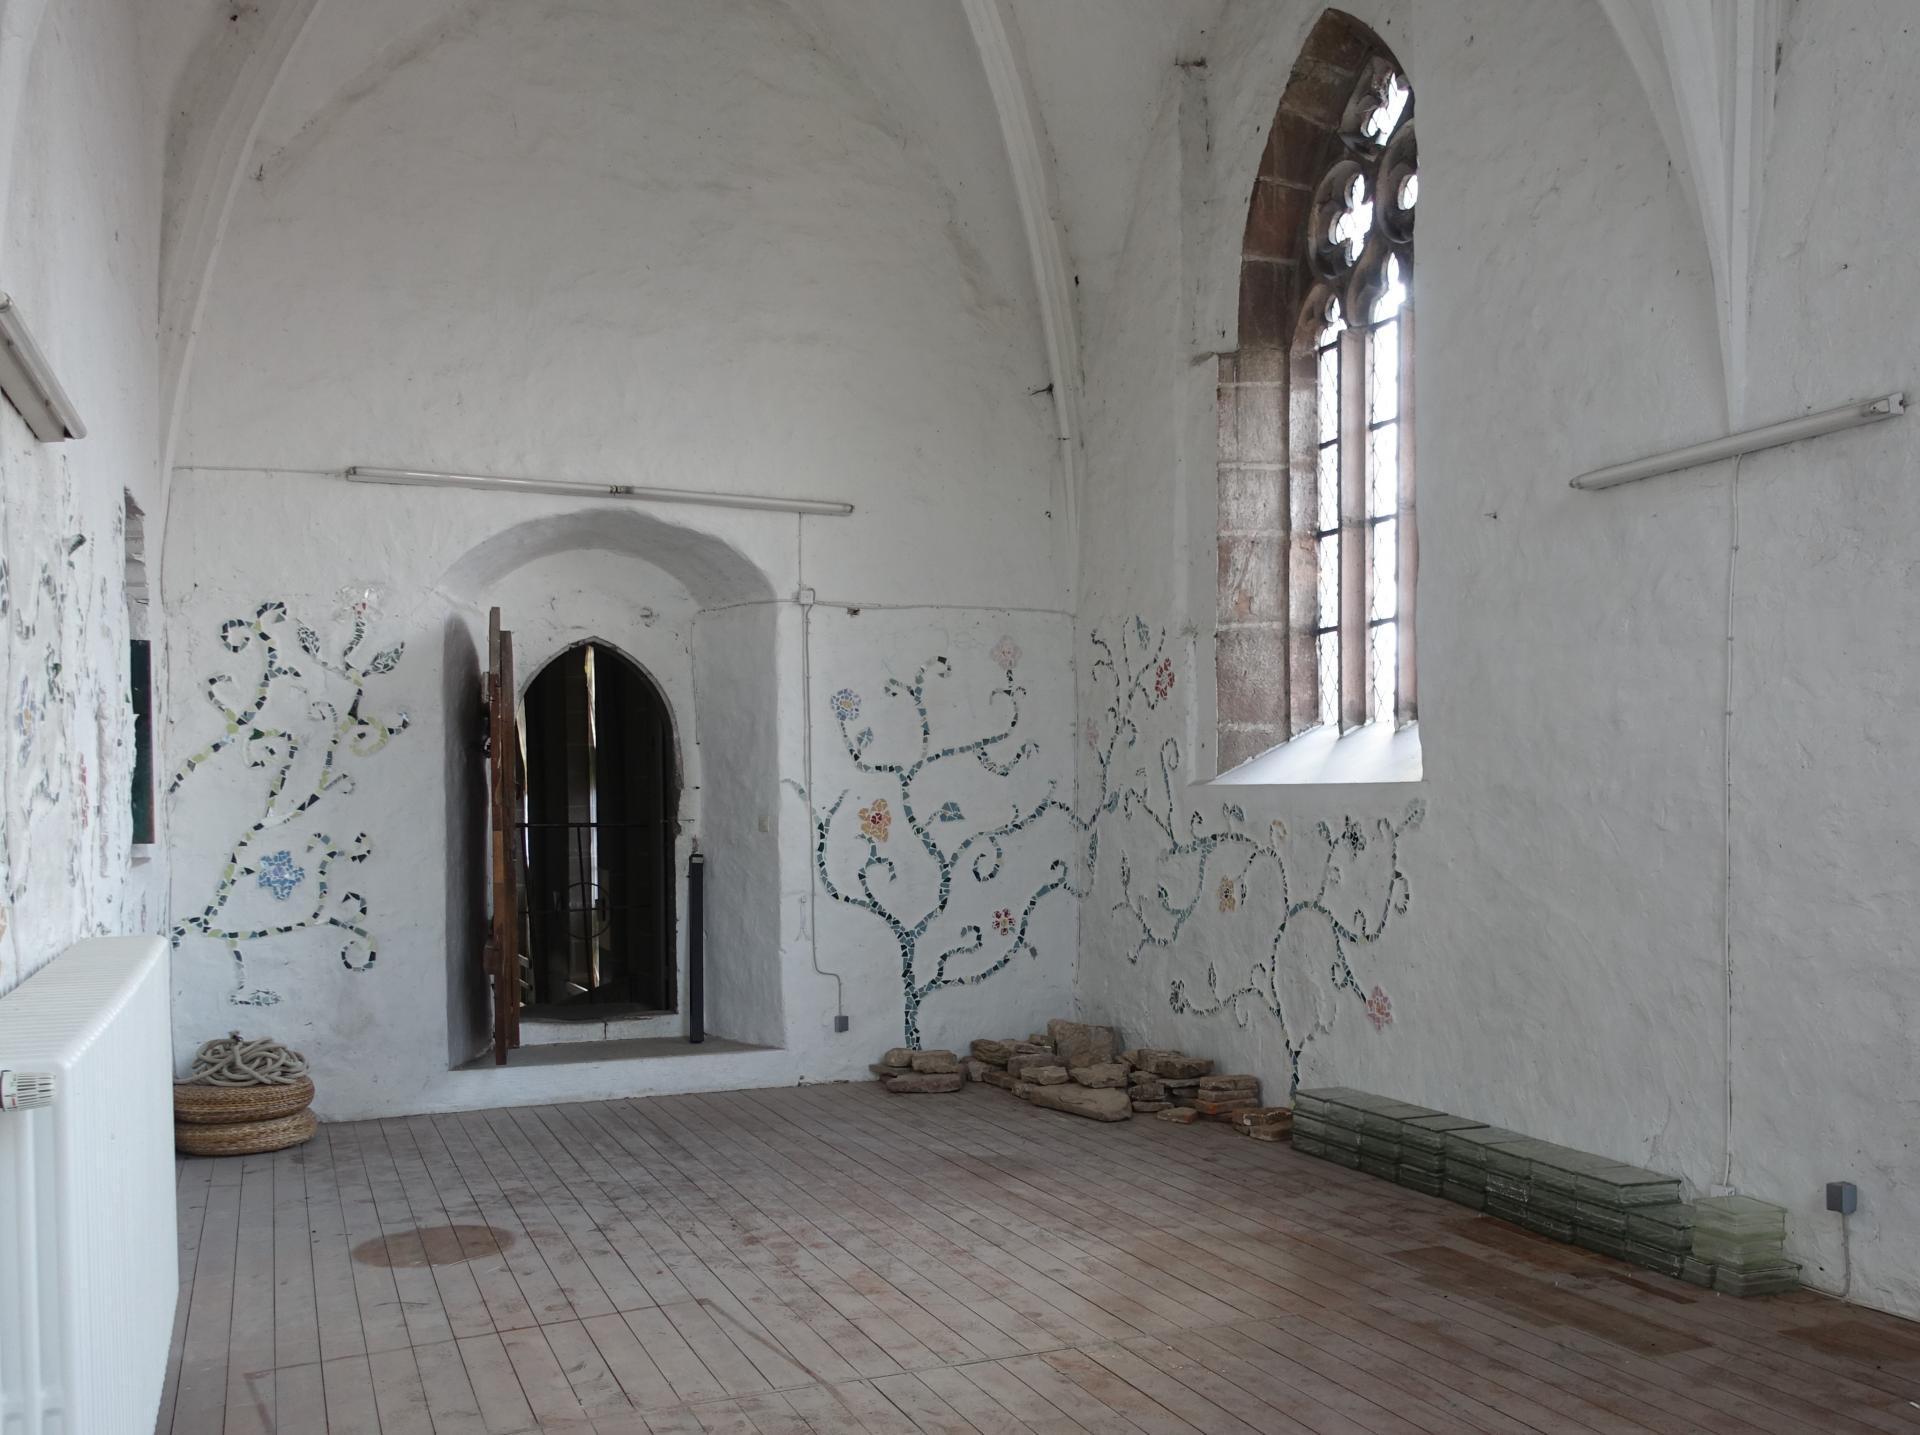 Bild 362 zeigt die Büßerkammer mit den erhaltenswerten Steinen im Juli 2020